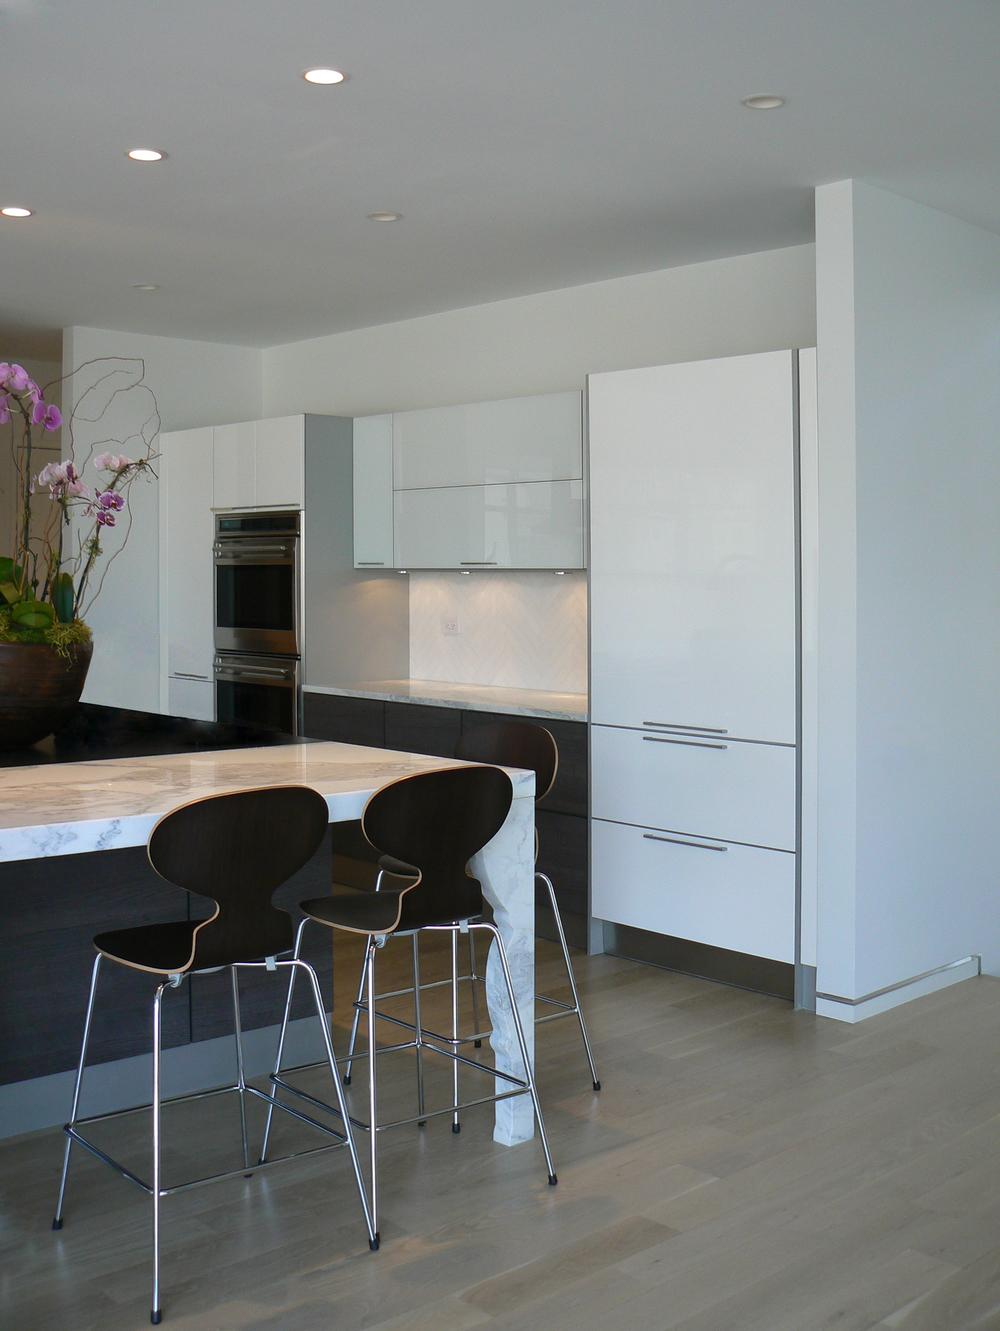 Sinoway_Highland Park_Kitchen.jpg